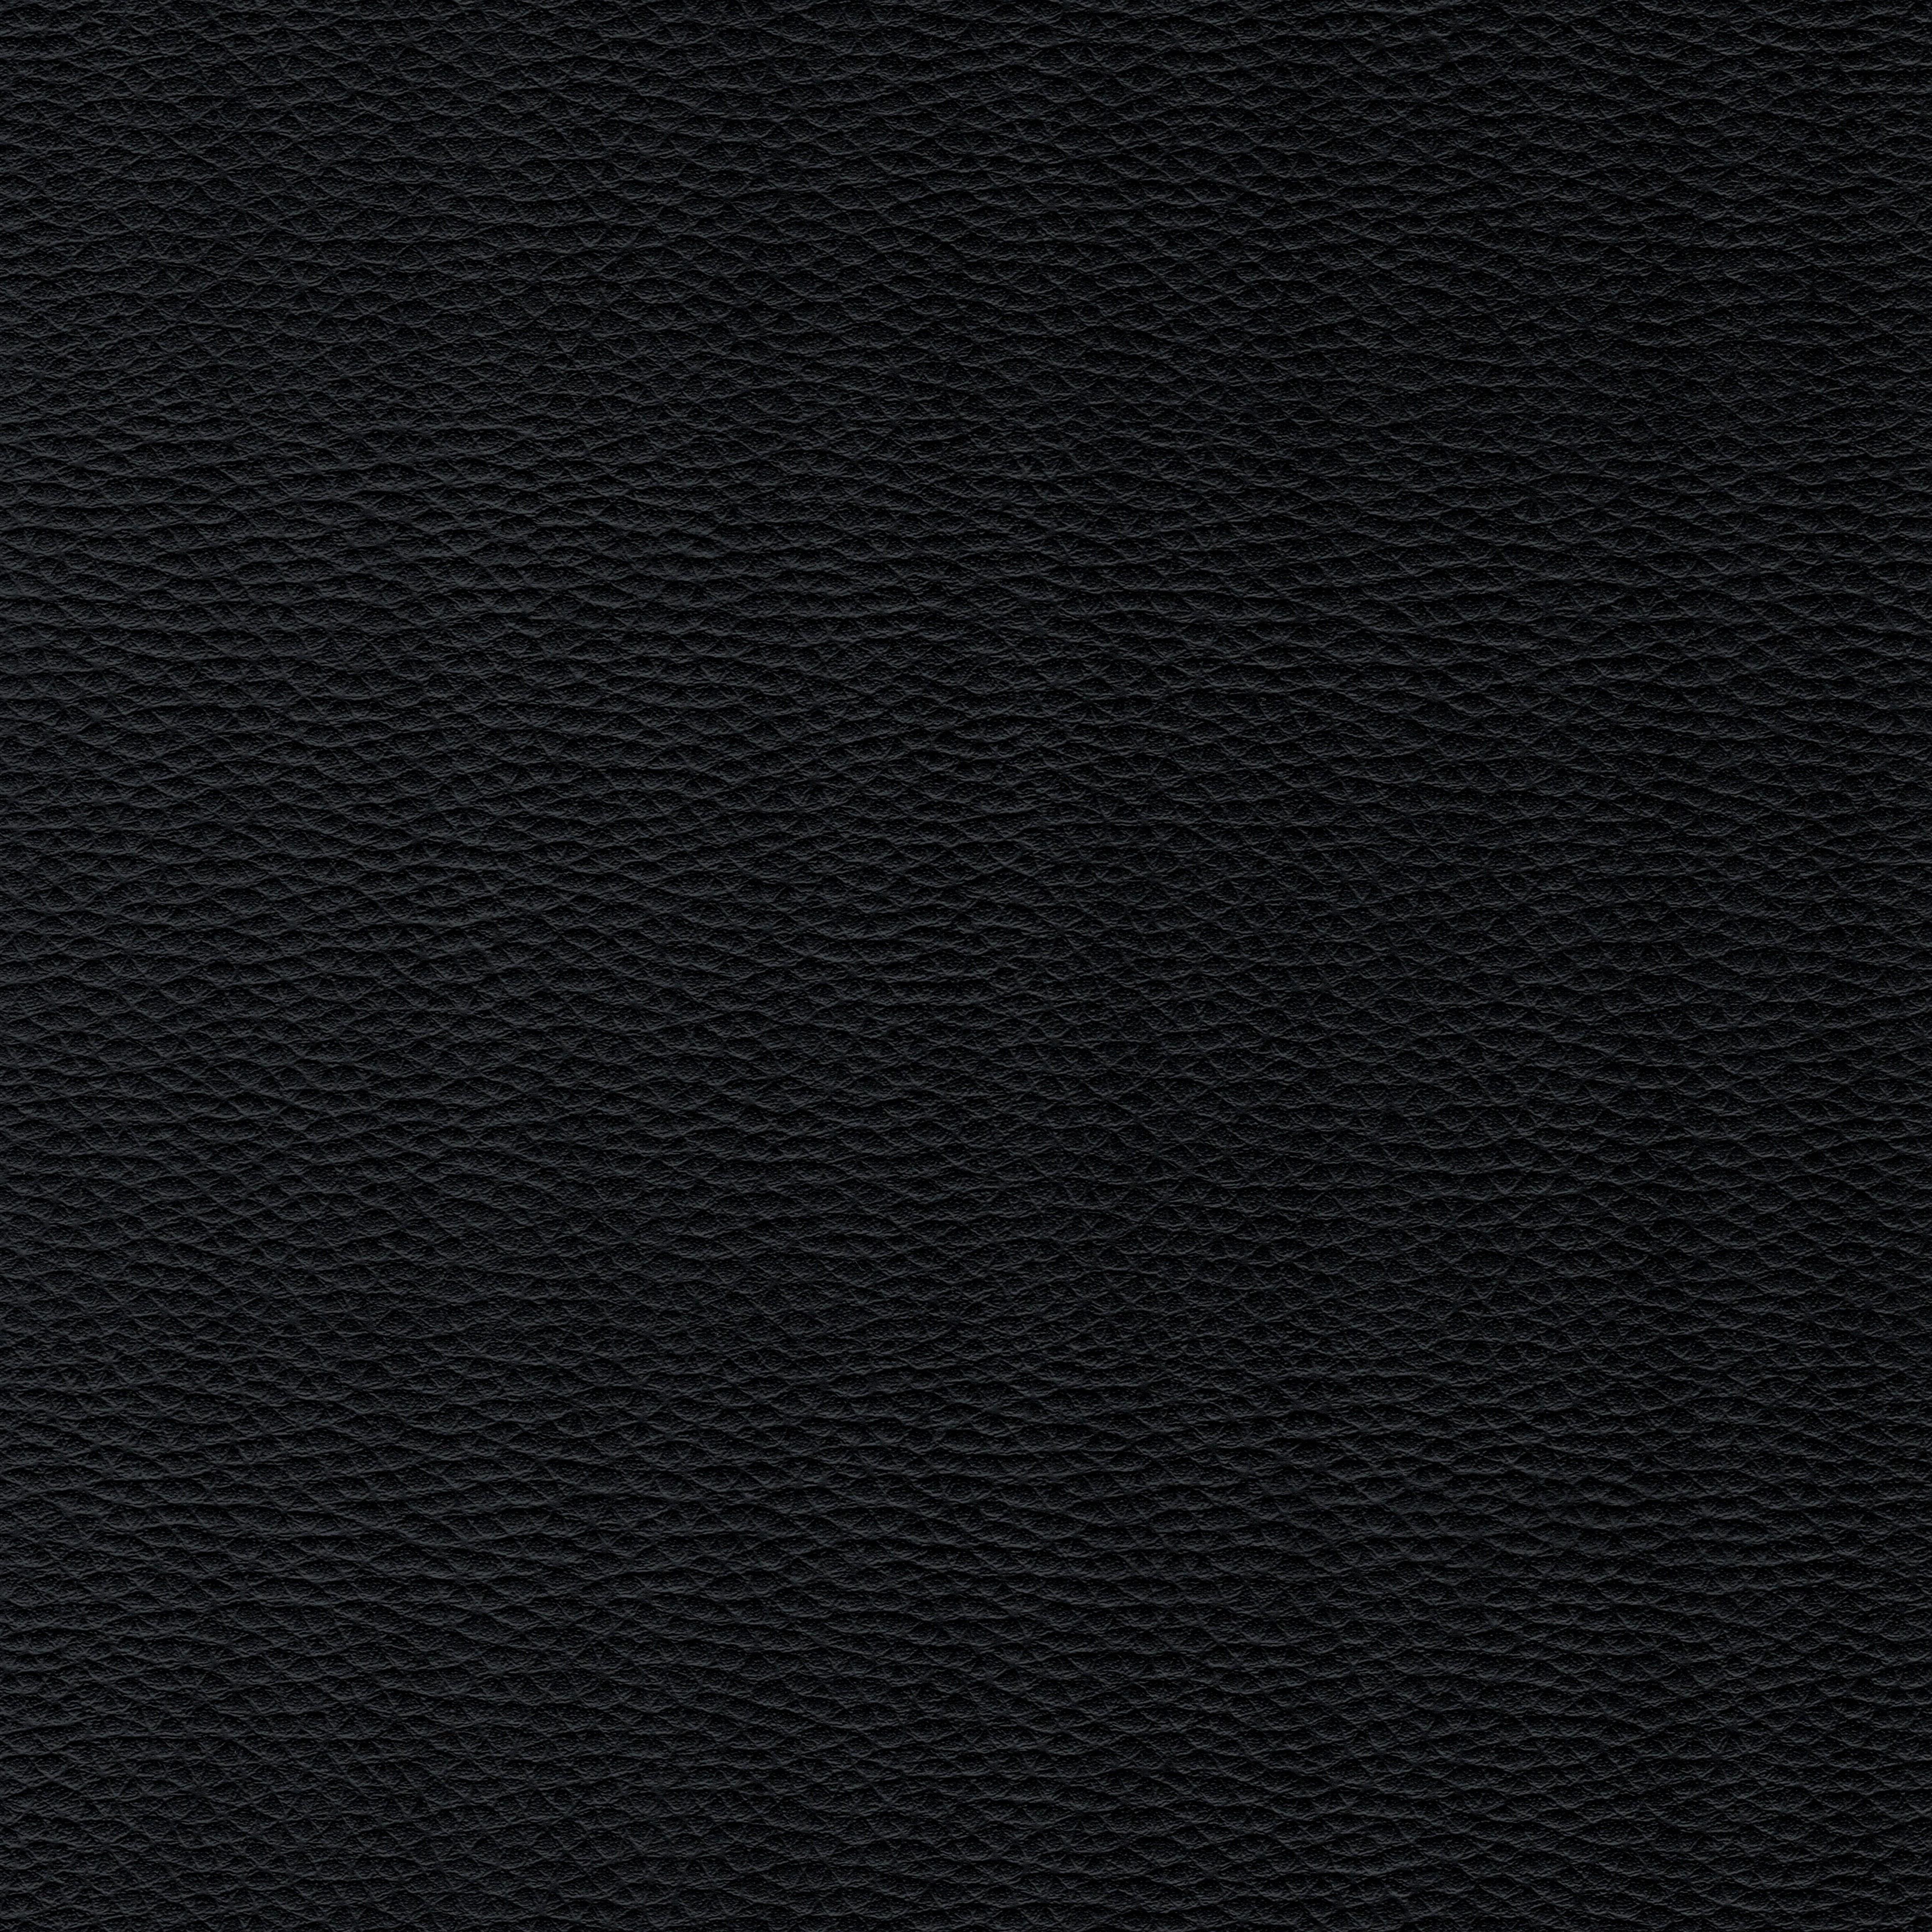 schwarz DOL29